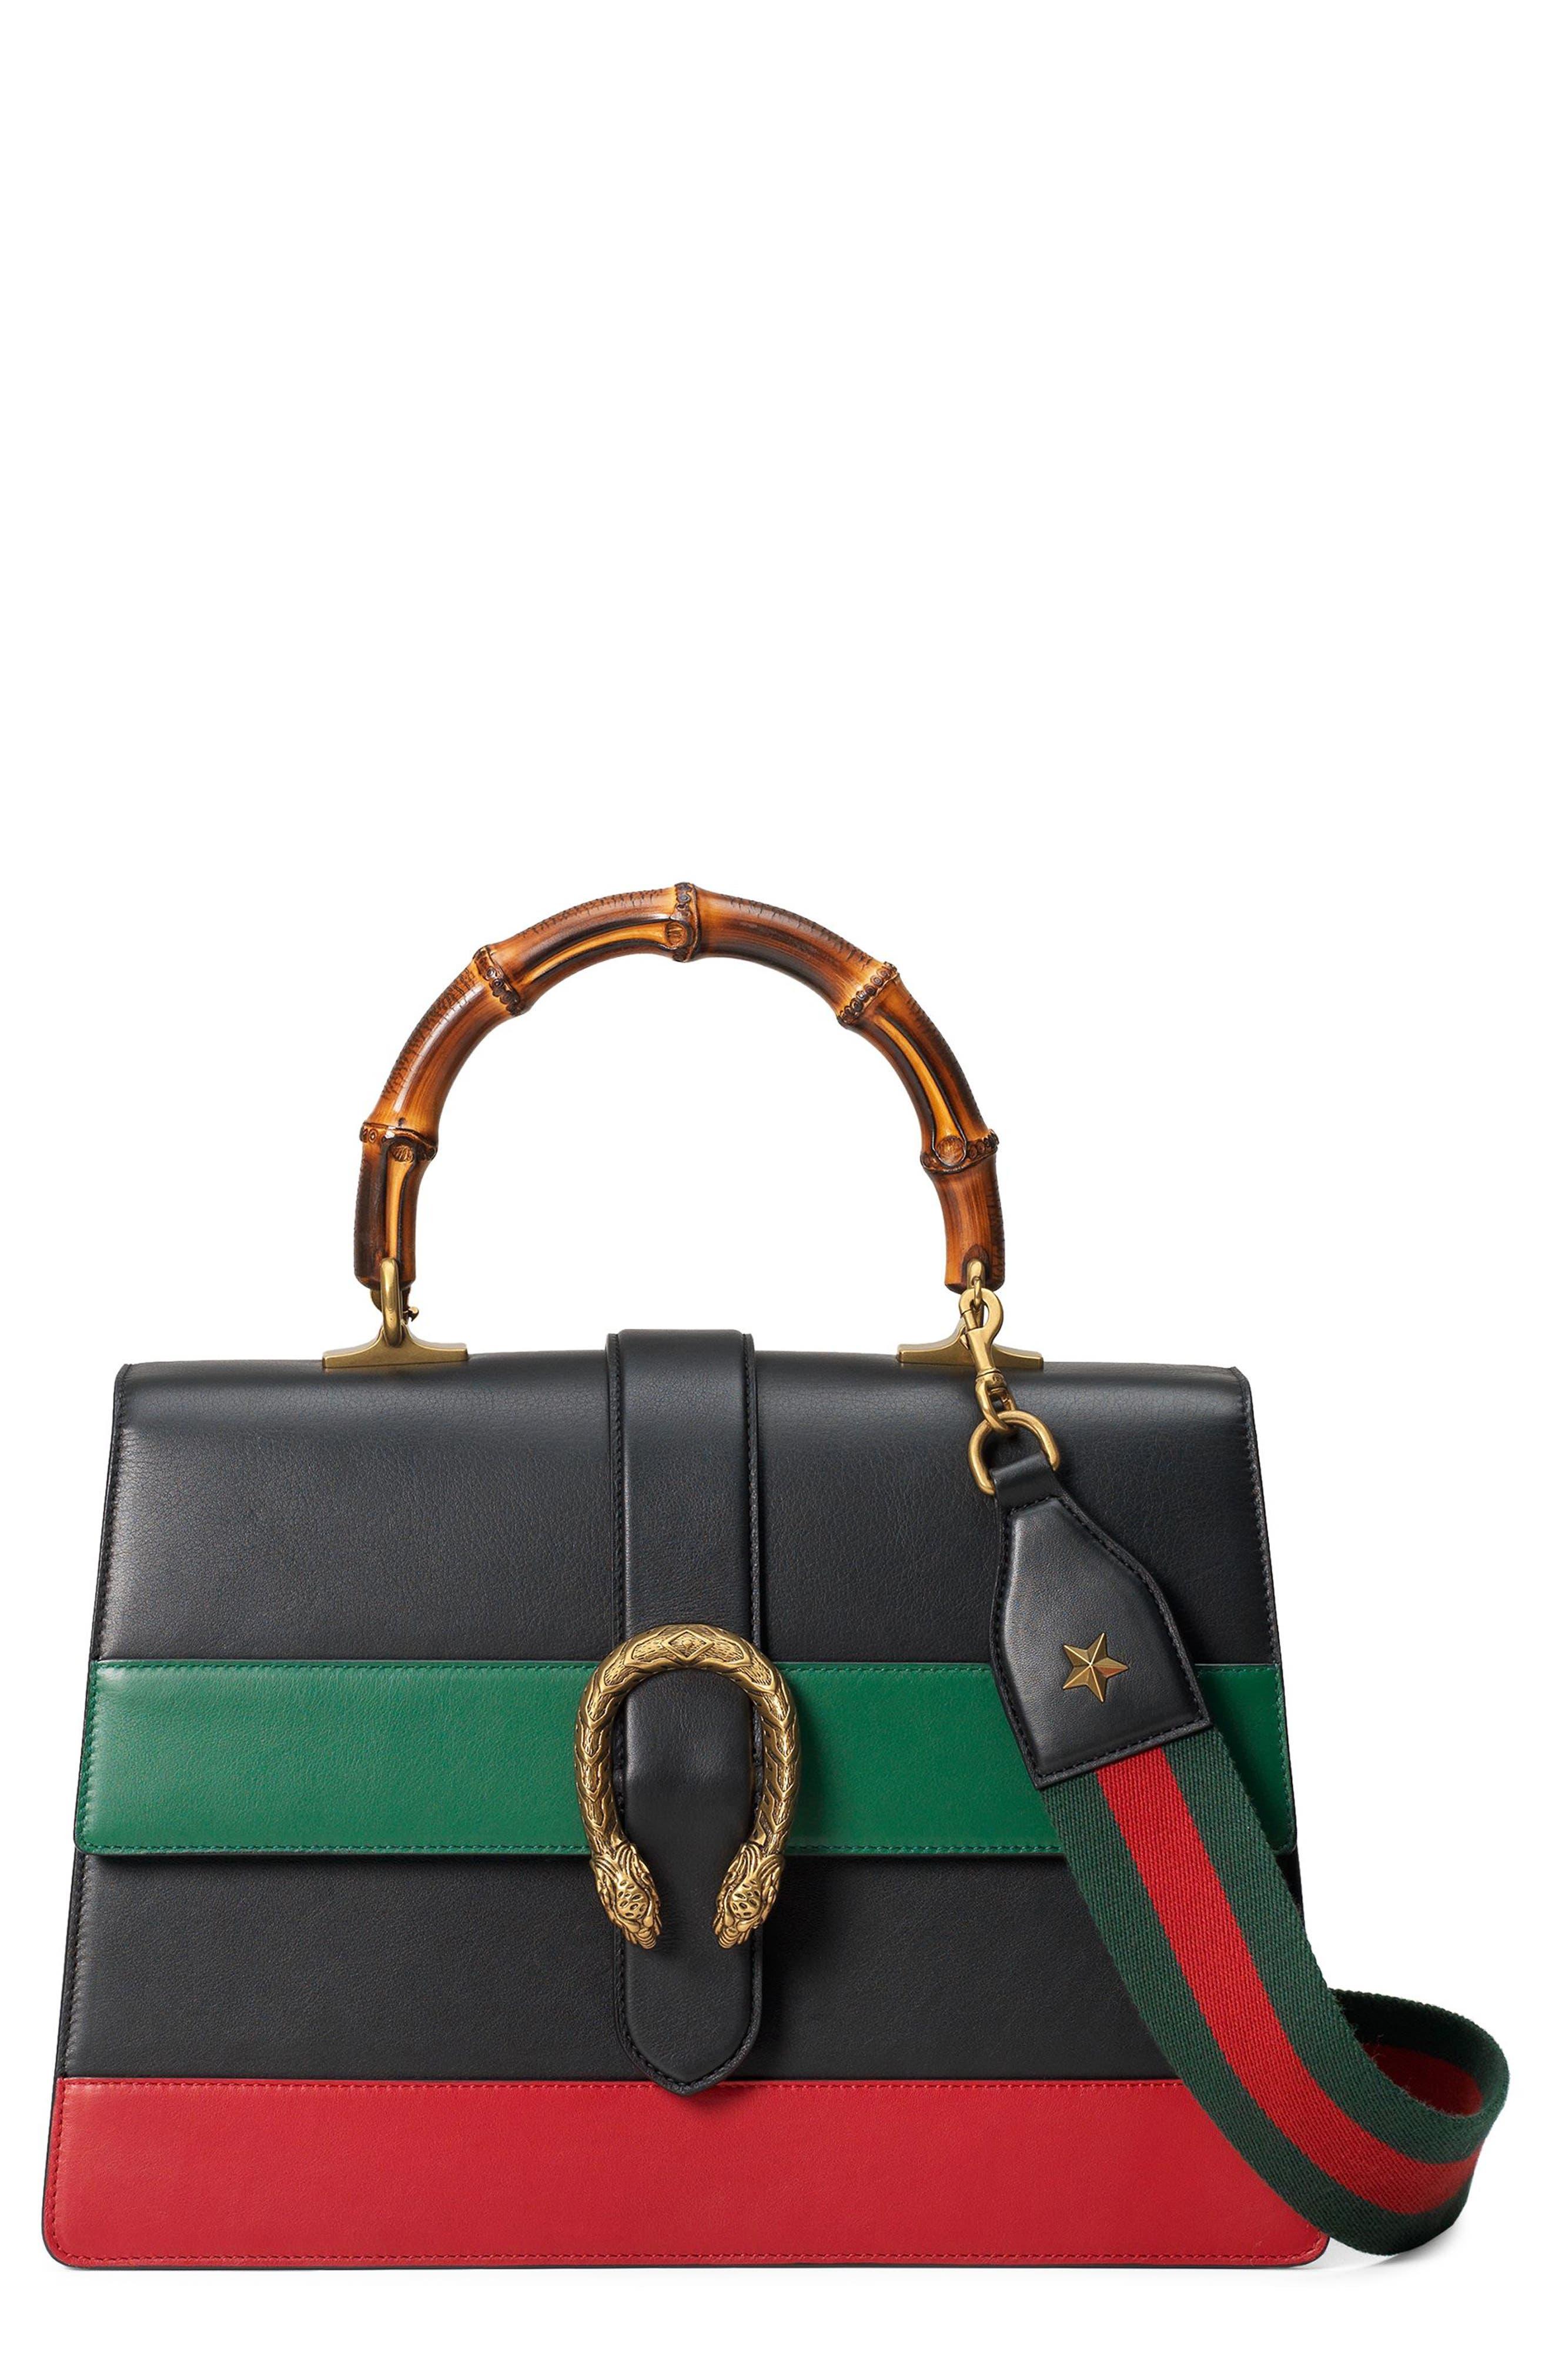 GUCCI LARGE DIONYSUS TOP HANDLE LEATHER SHOULDER BAG - BLACK